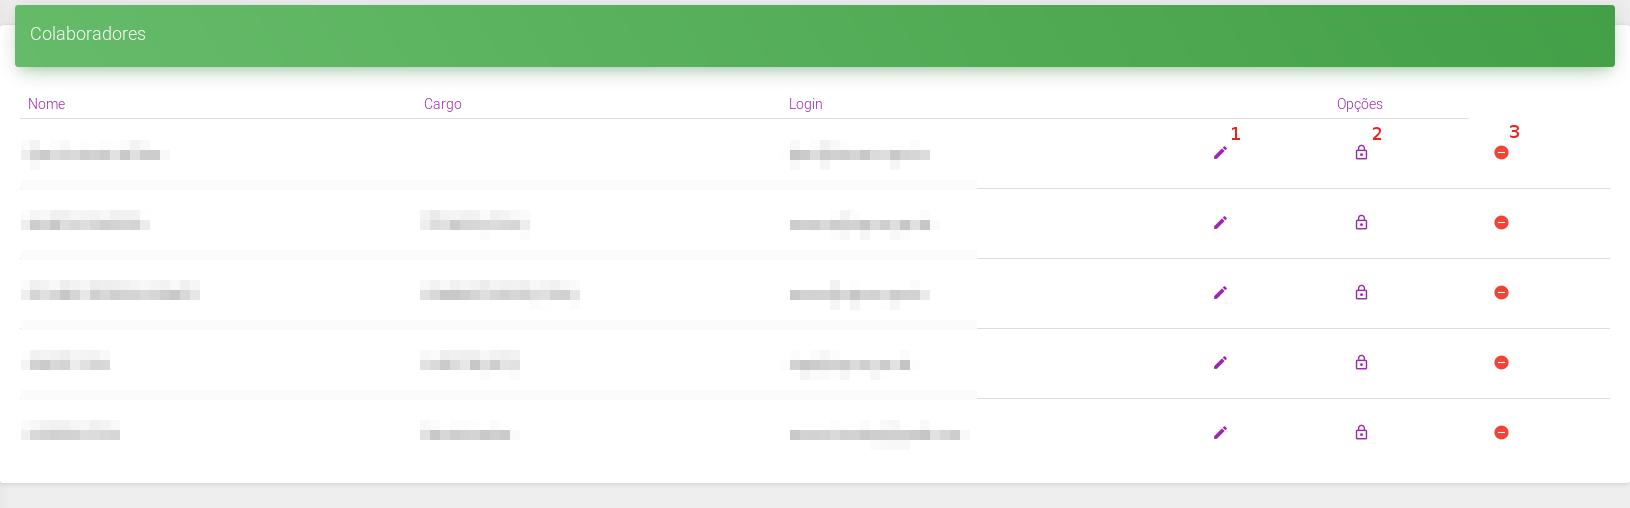 Lista de usuários de um órgão ambiental